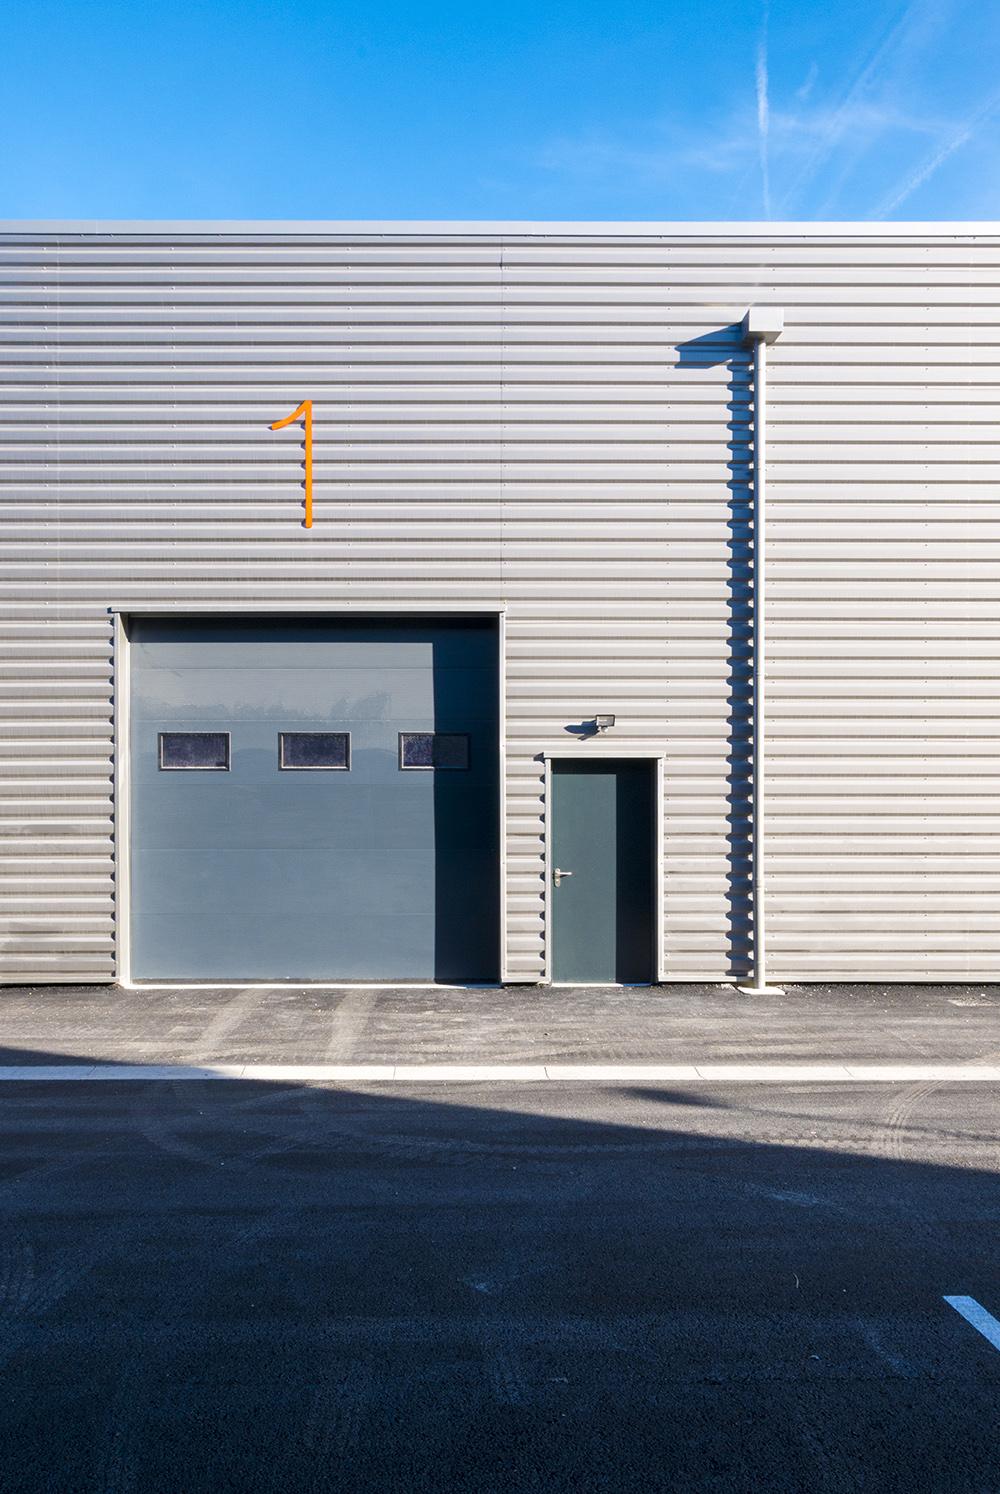 Chouette-architecture-4-entrepôts-saint-apollinaire-1000-6